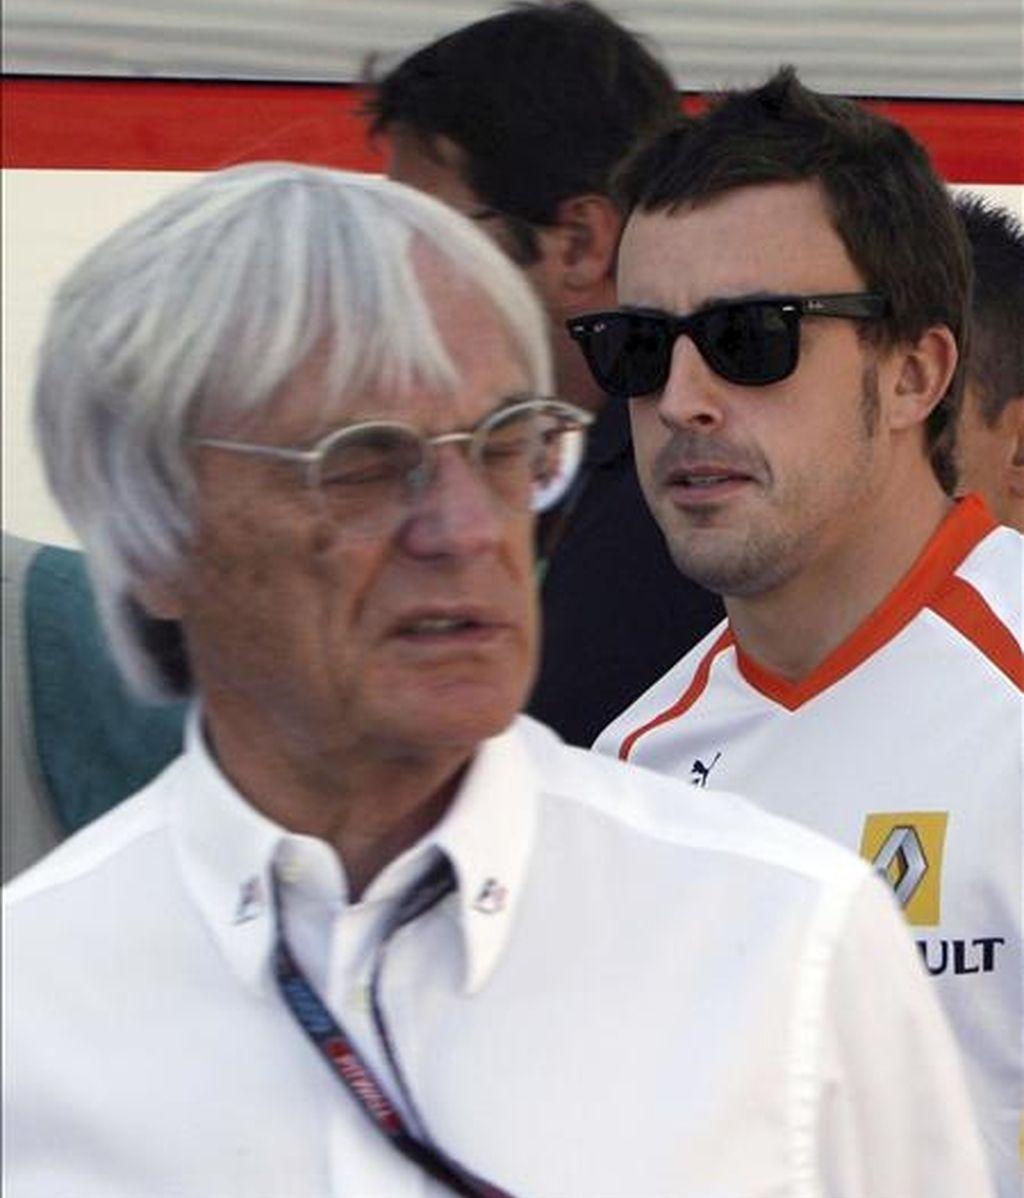 El piloto español Fernando Alonso (d) pasa junto al magnate británico de la F-1 Bernie Eclestone en el circuito ubano de Valencia el 23 de agosto pasado en el Gran Premio de Europa de Fórmula Uno. EFE/Archivo